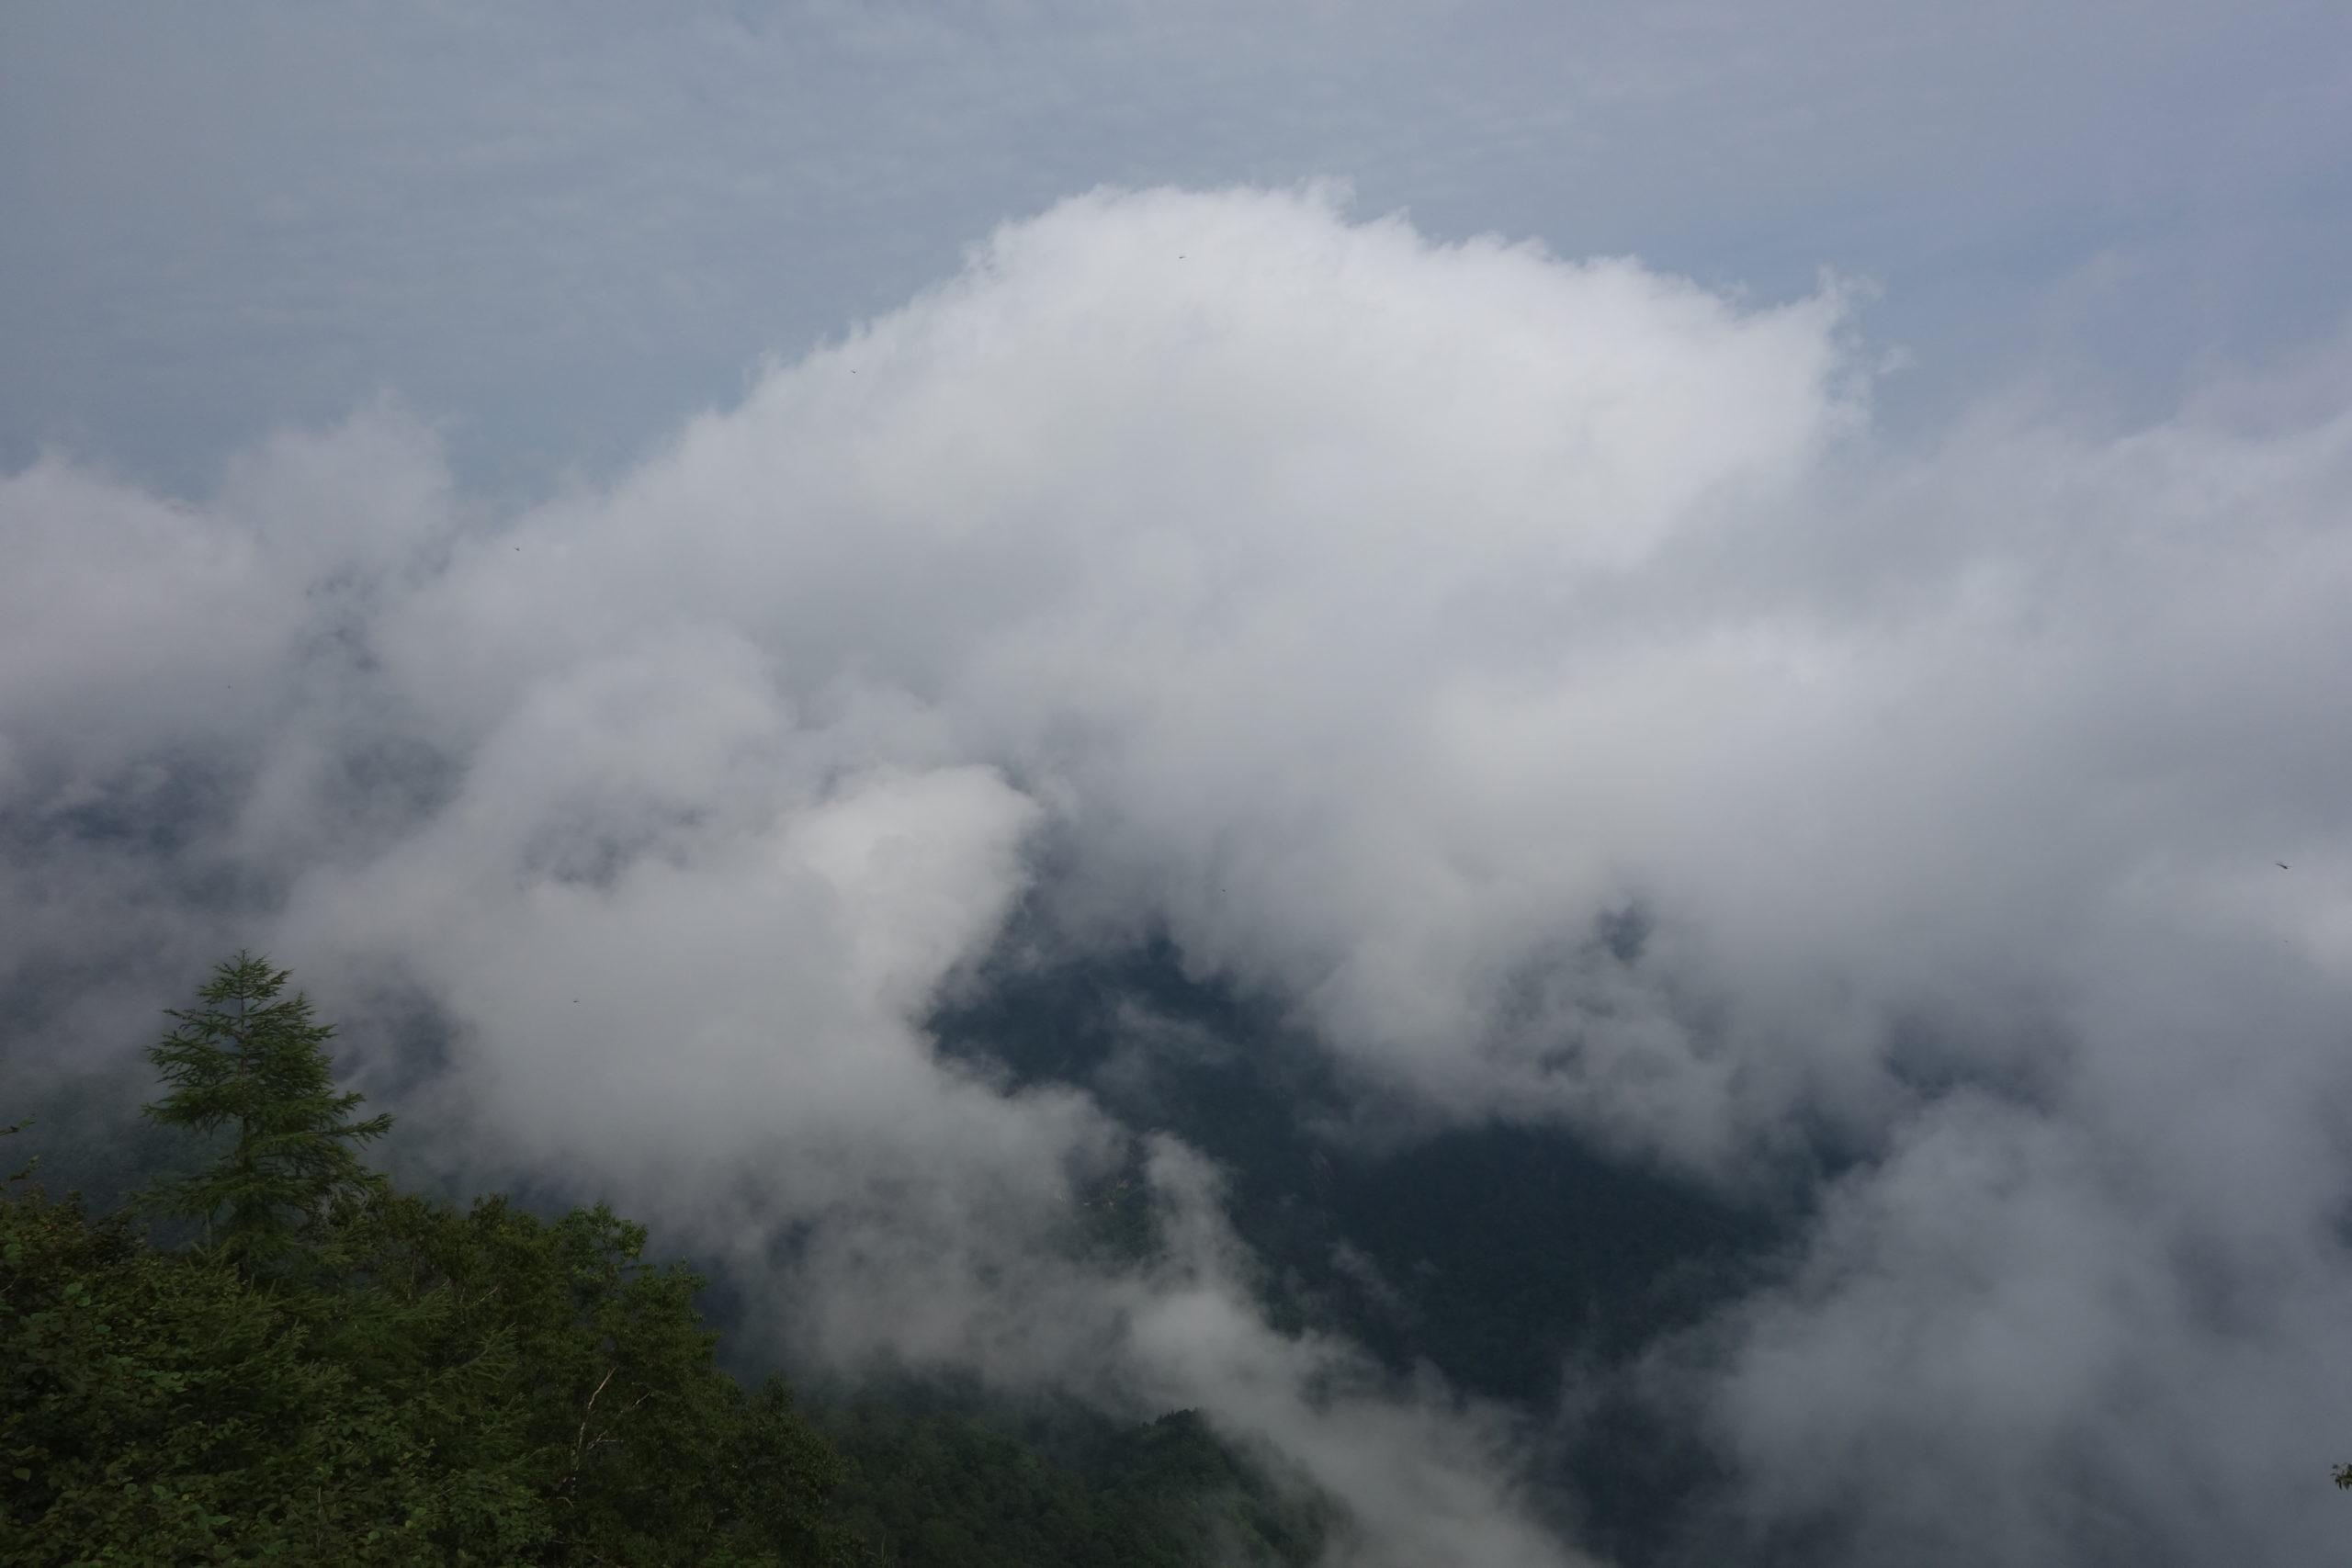 甲斐駒ケ岳 白州尾白渓谷(甲斐駒ケ岳神社)〜七丈小屋テントサイト